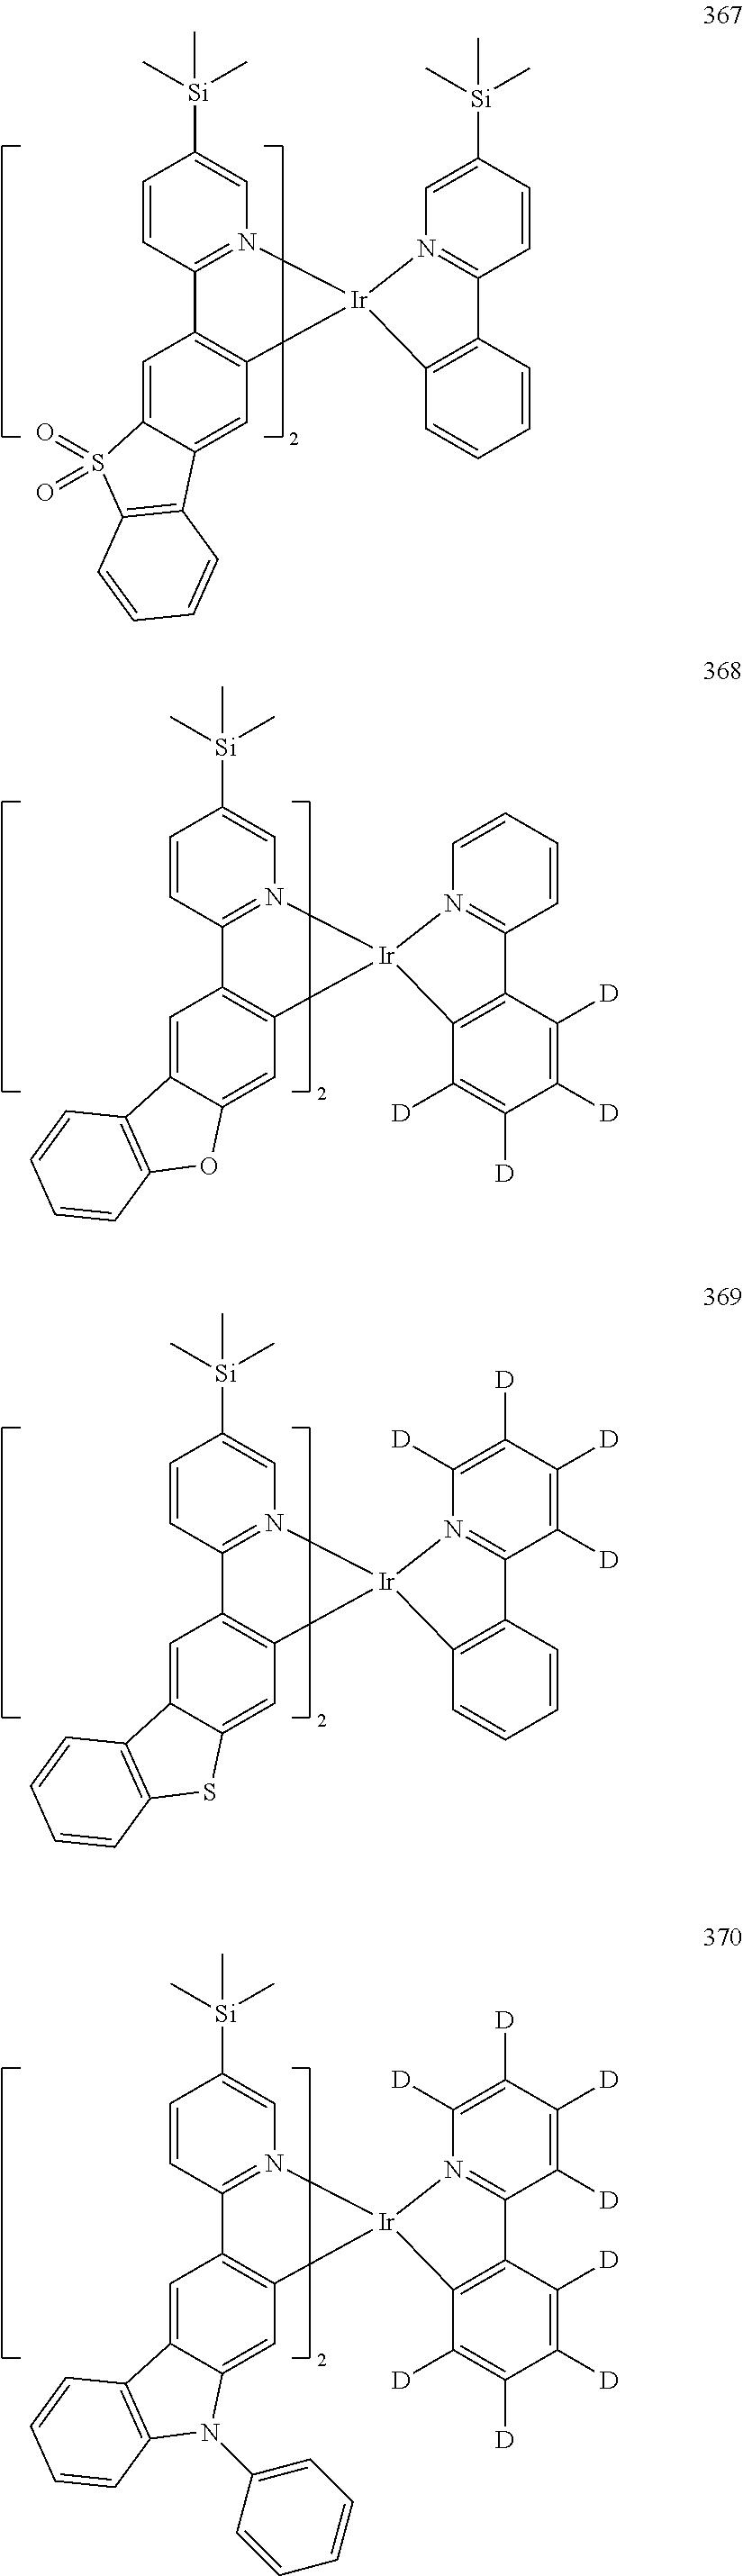 Figure US20160155962A1-20160602-C00431